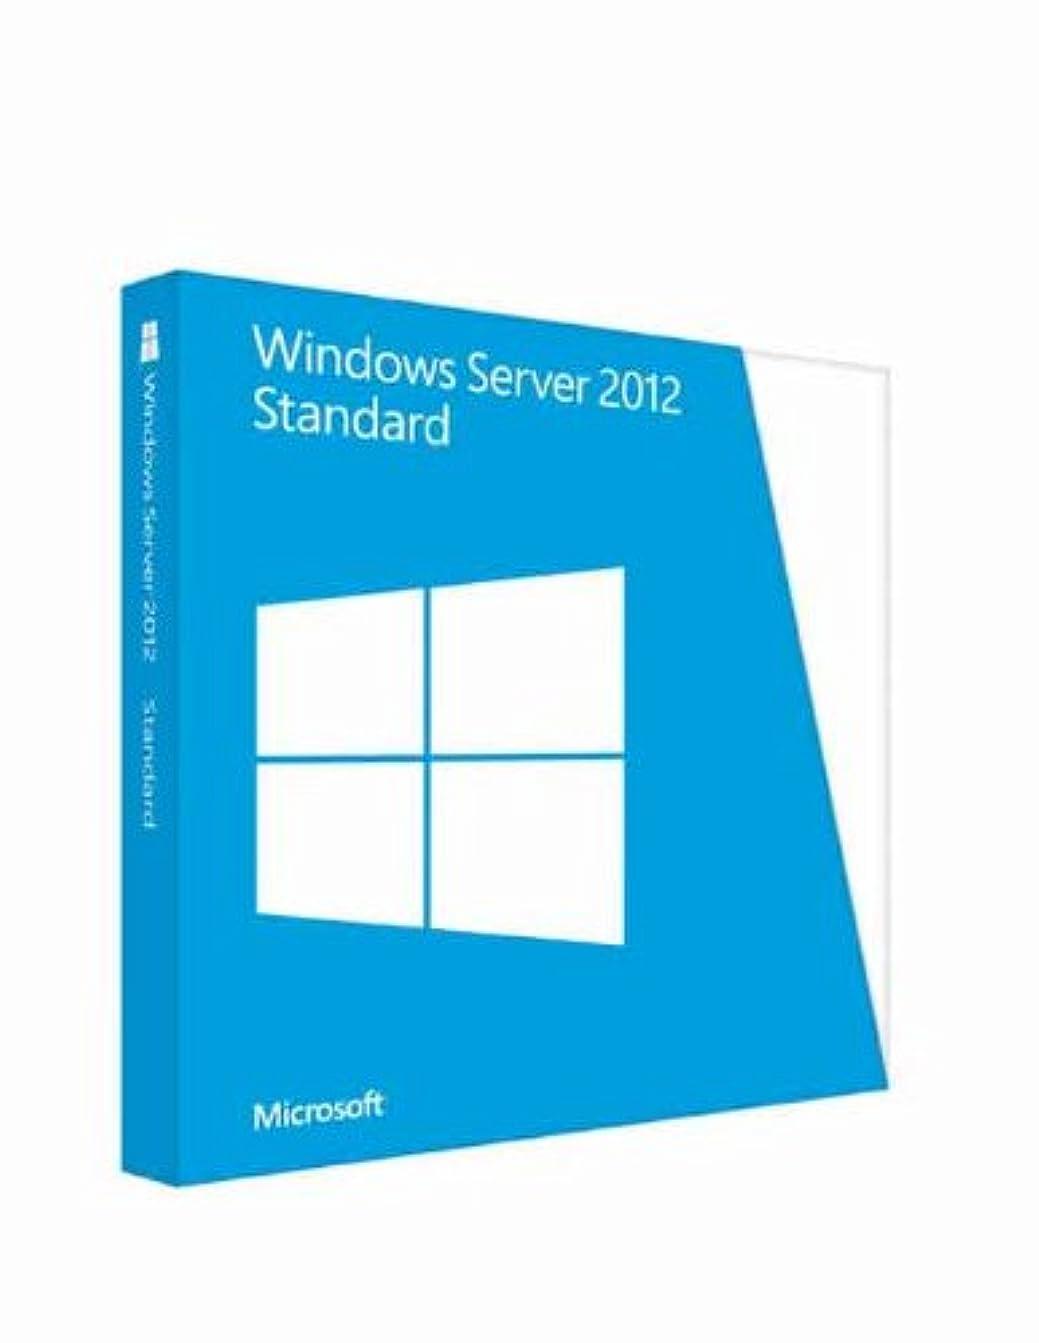 昼間グリット満足させるMicrosoft Windows Server 2012 Standard 日本語版 5 CAL付